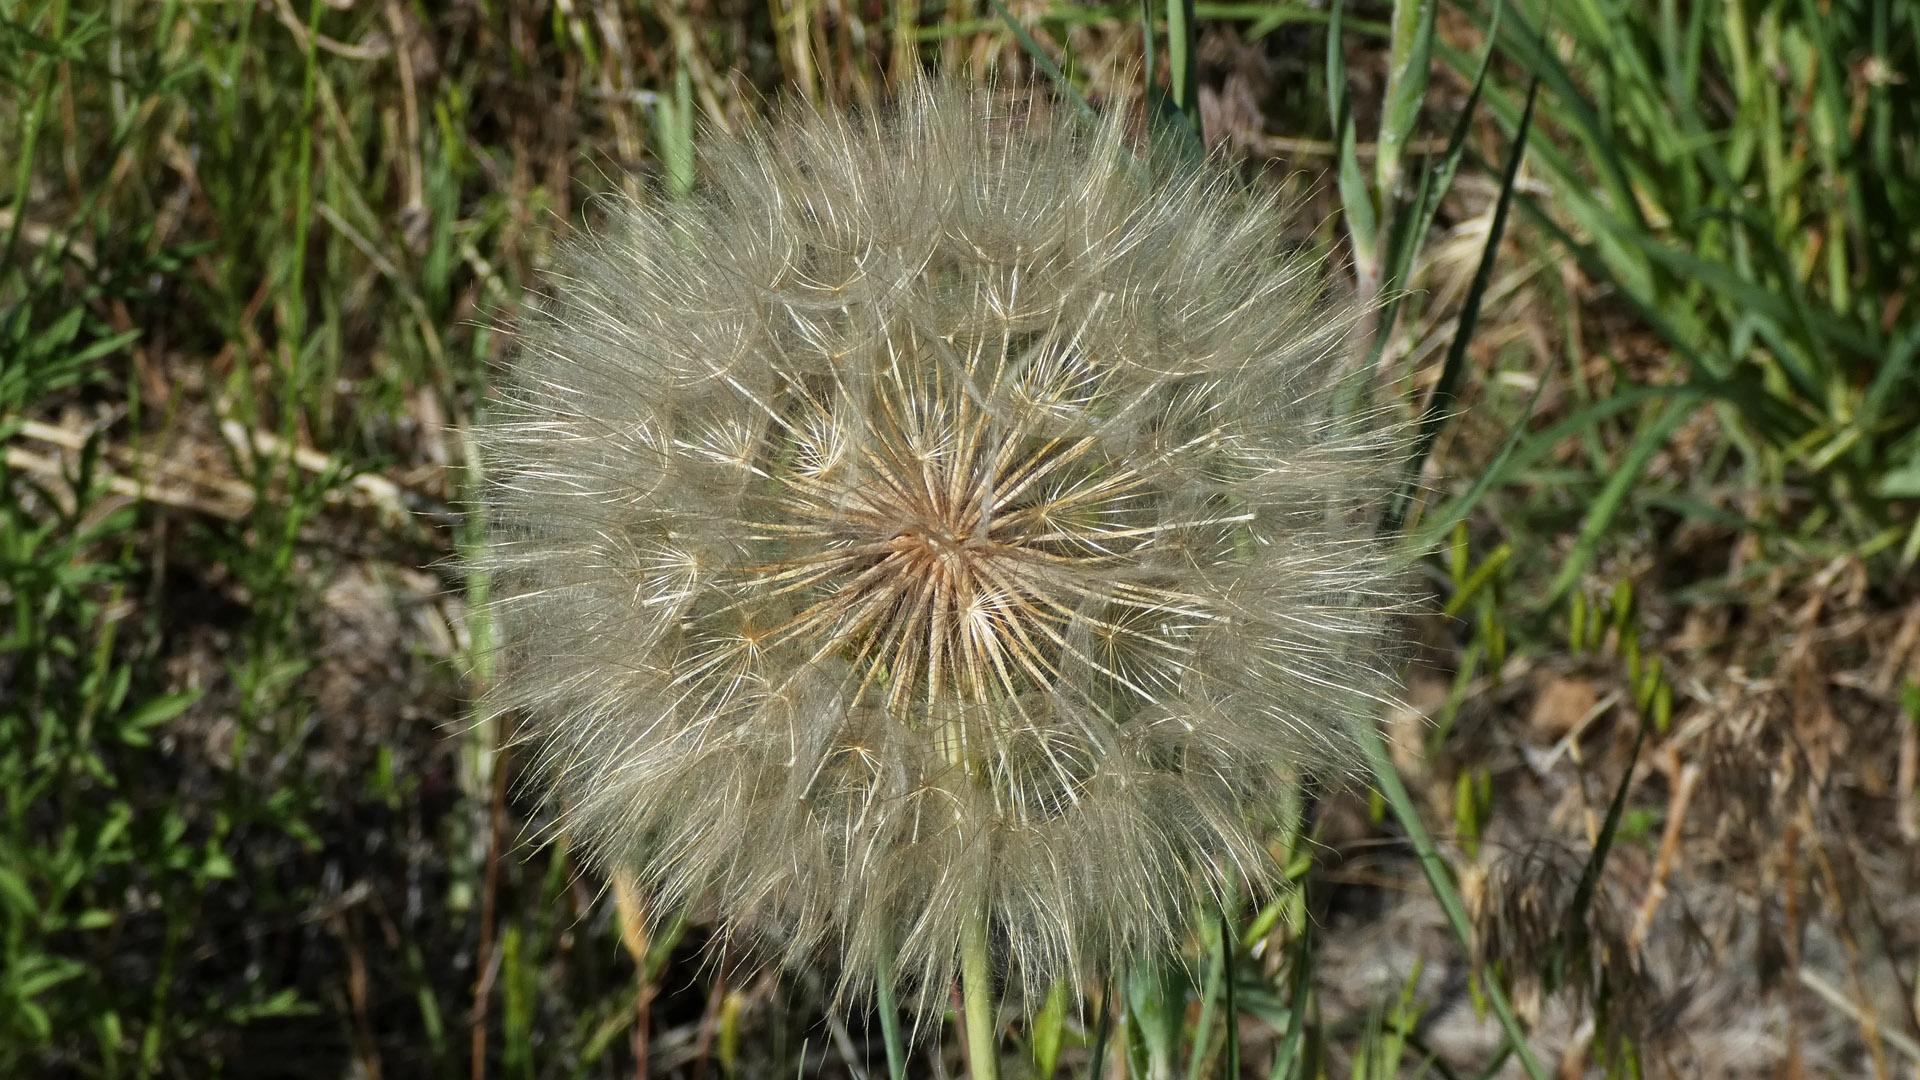 Seed head, Albuquerque, June 2021